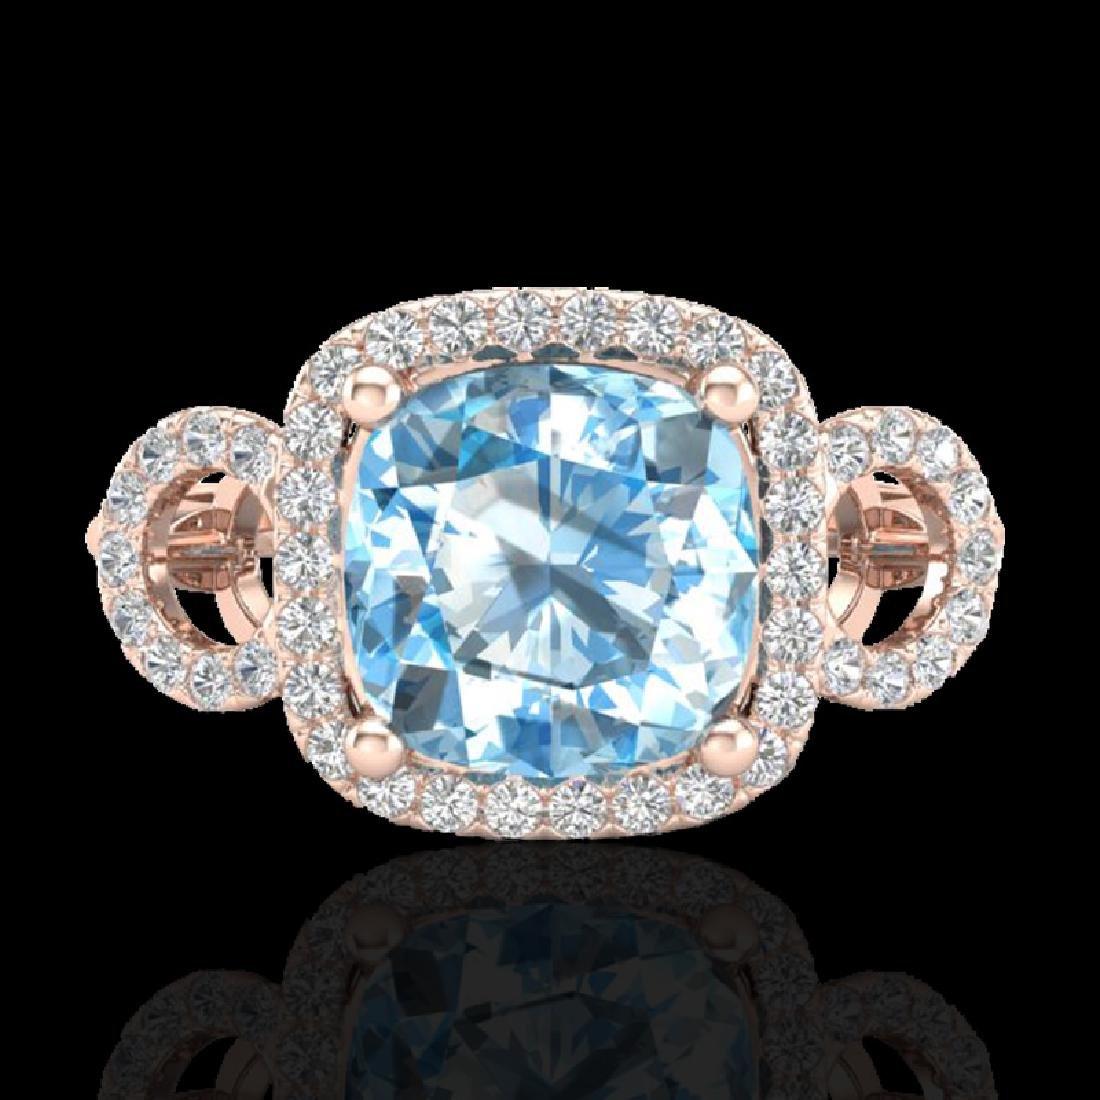 3.75 CTW Topaz & Micro VS/SI Diamond Ring 14K Rose Gold